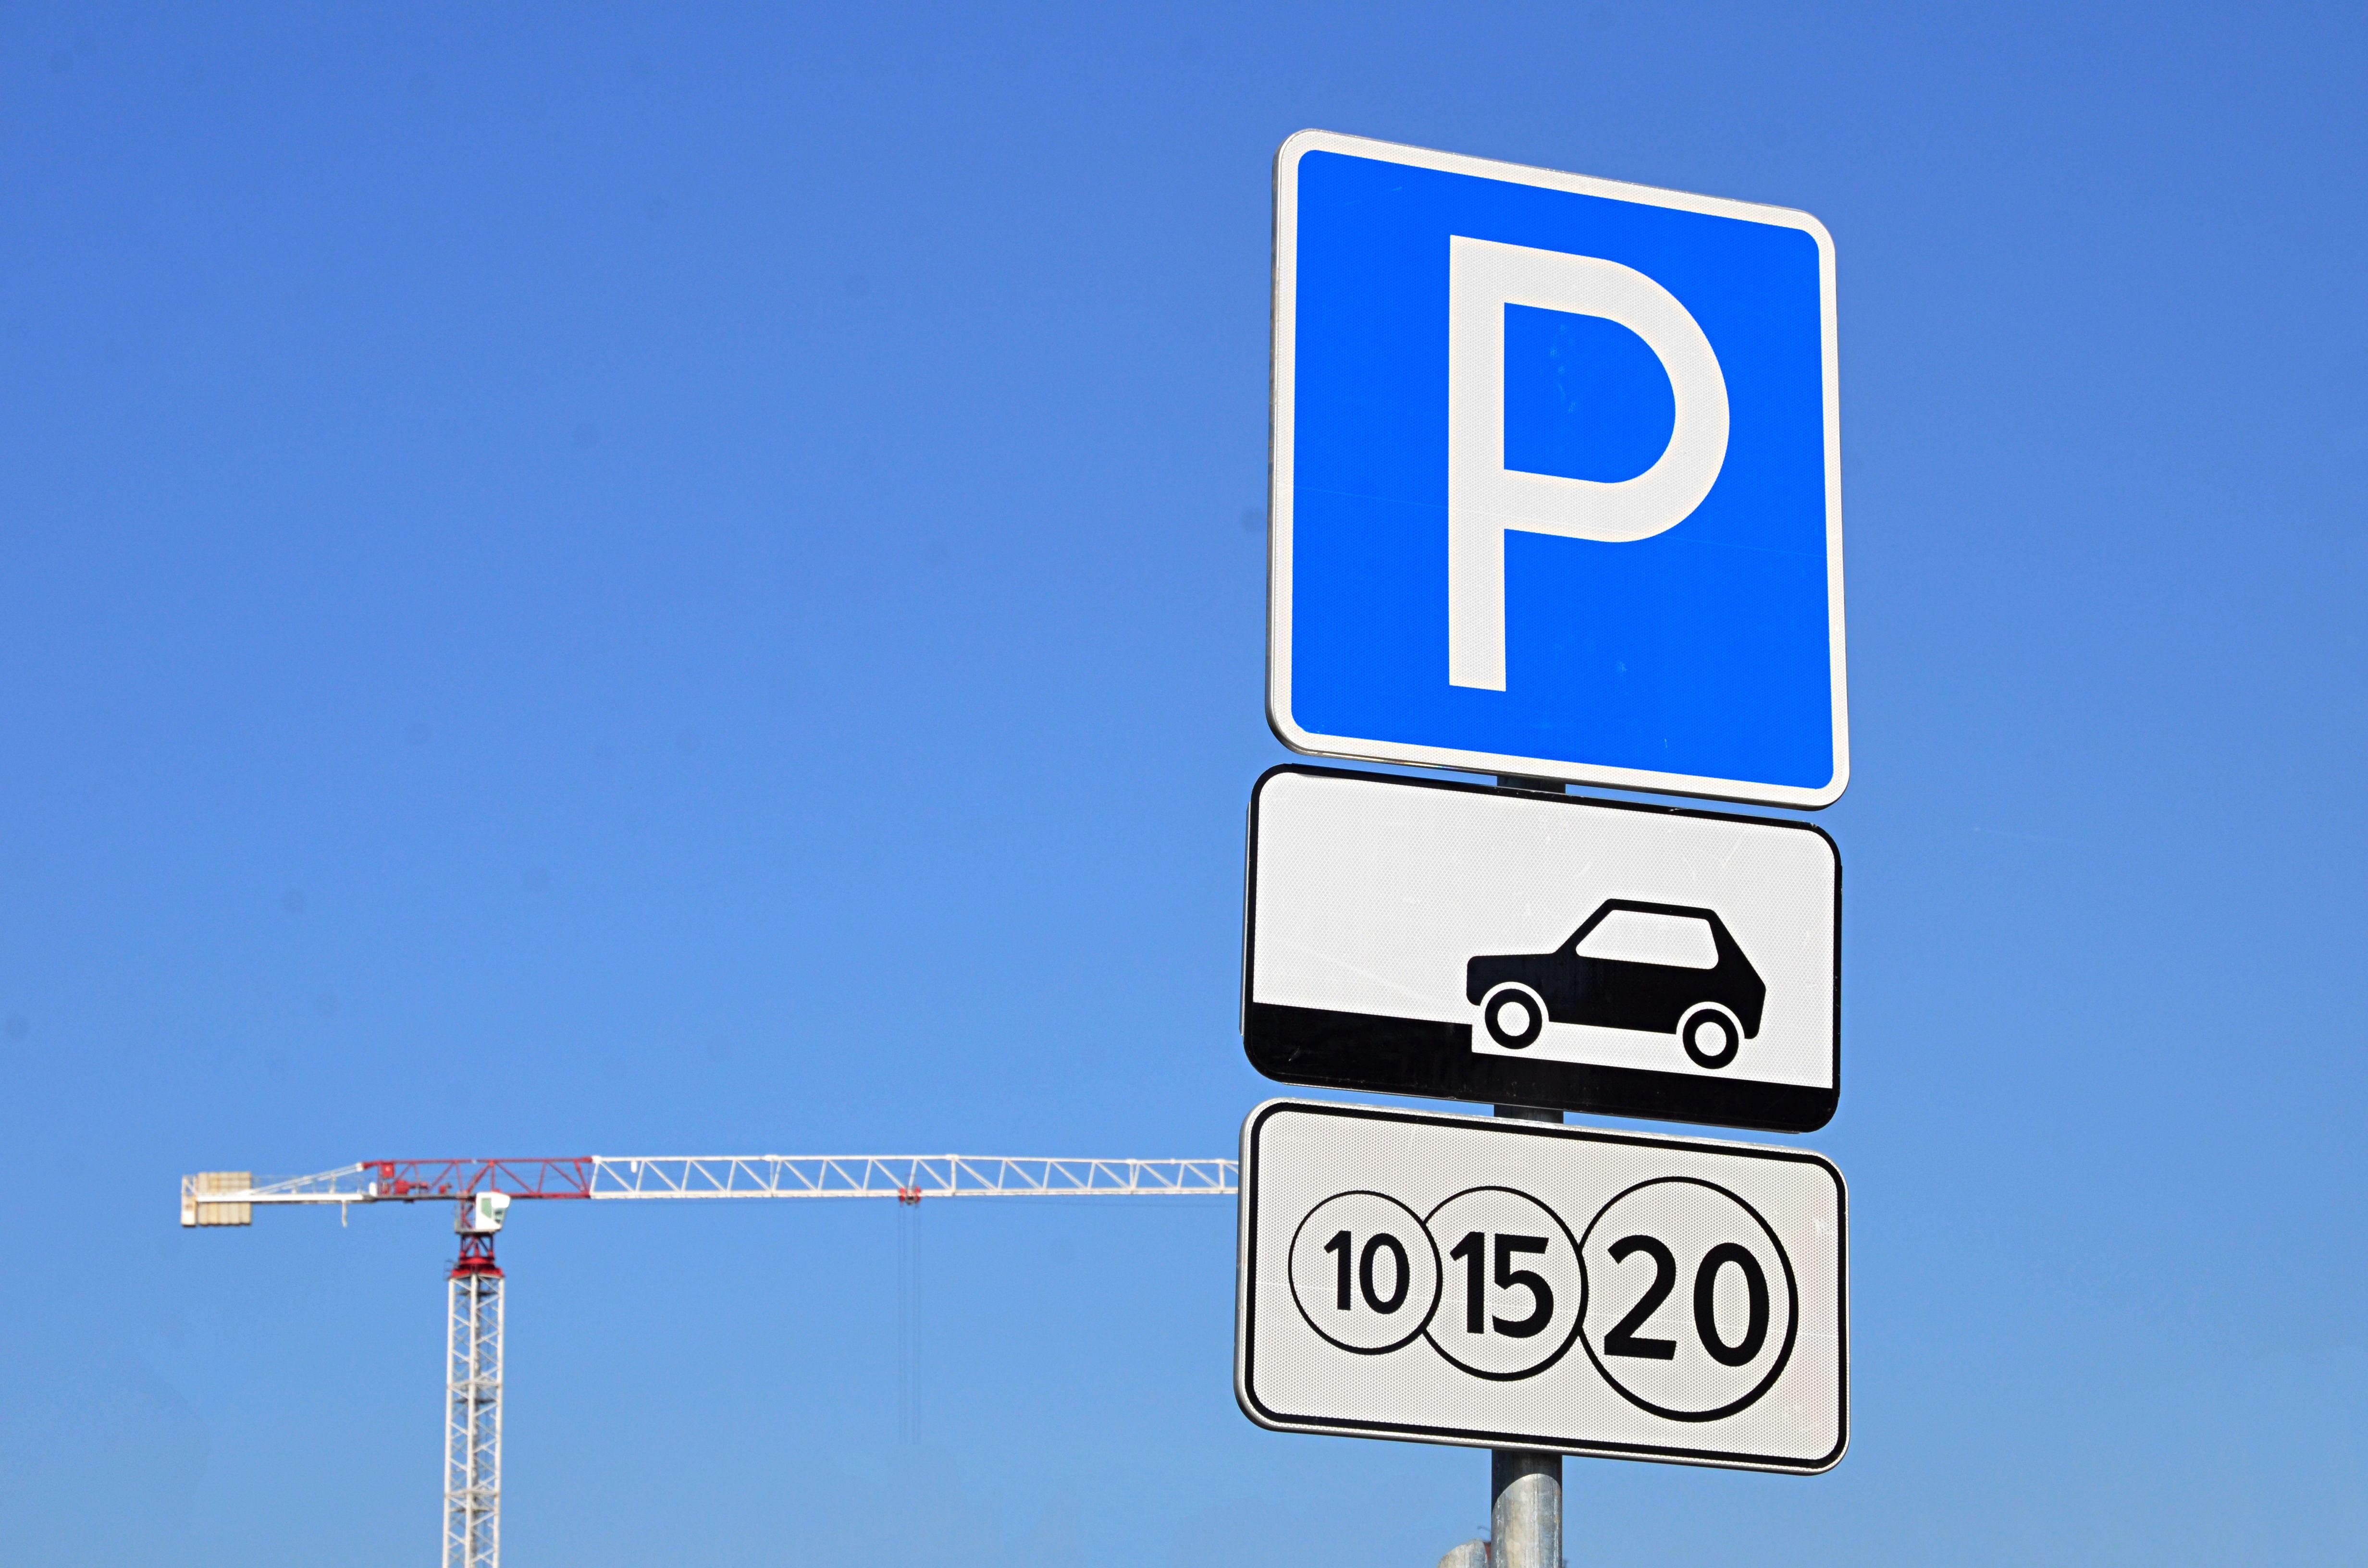 Парковка на столичных улицах в предстоящие праздники будет бесплатной